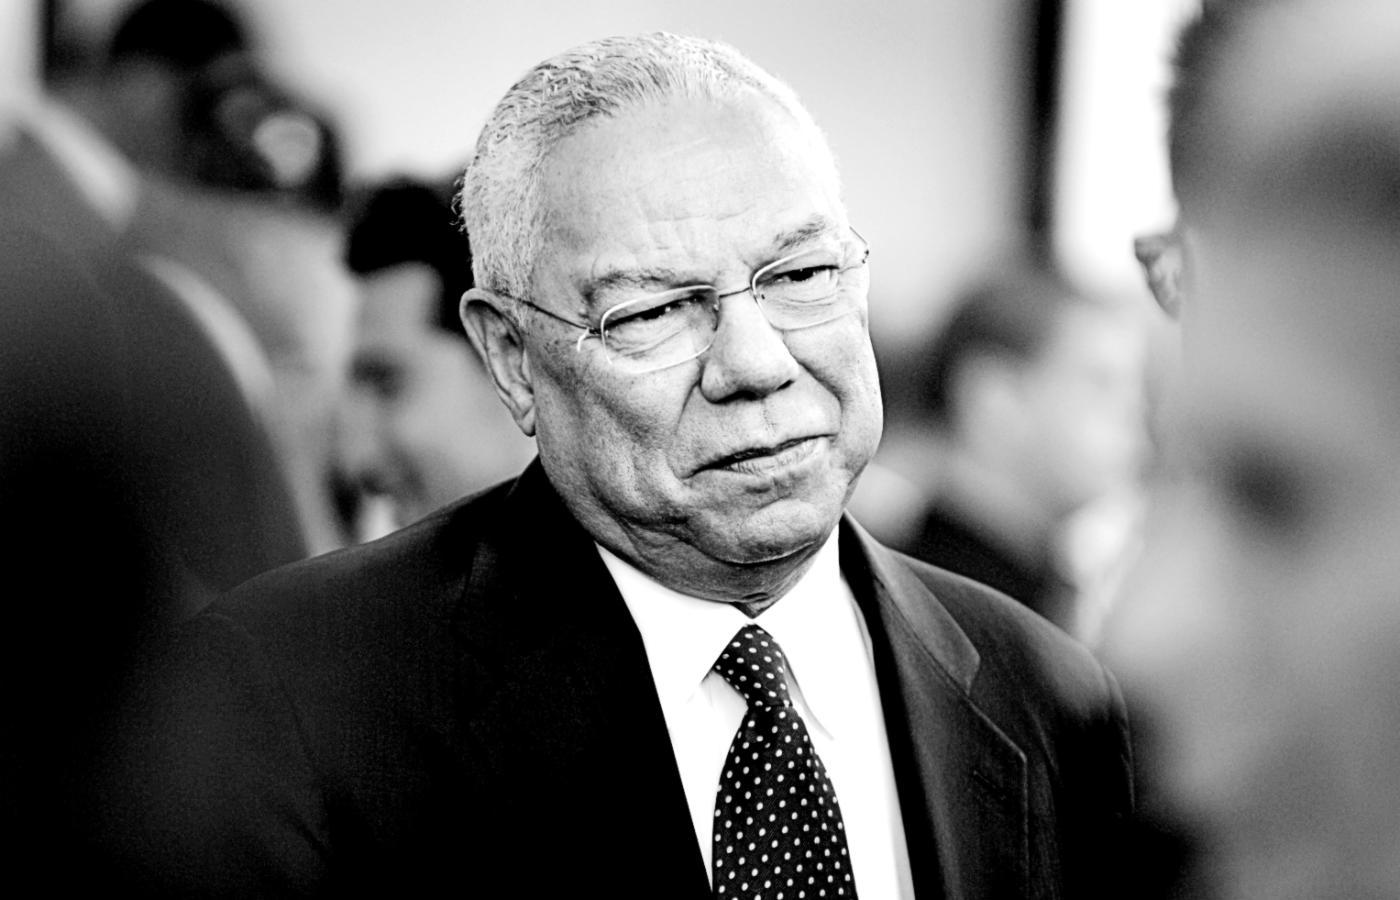 Zmarł Colin Powell, były sekretarz stanu USA. Generał, który nienawidził wojny